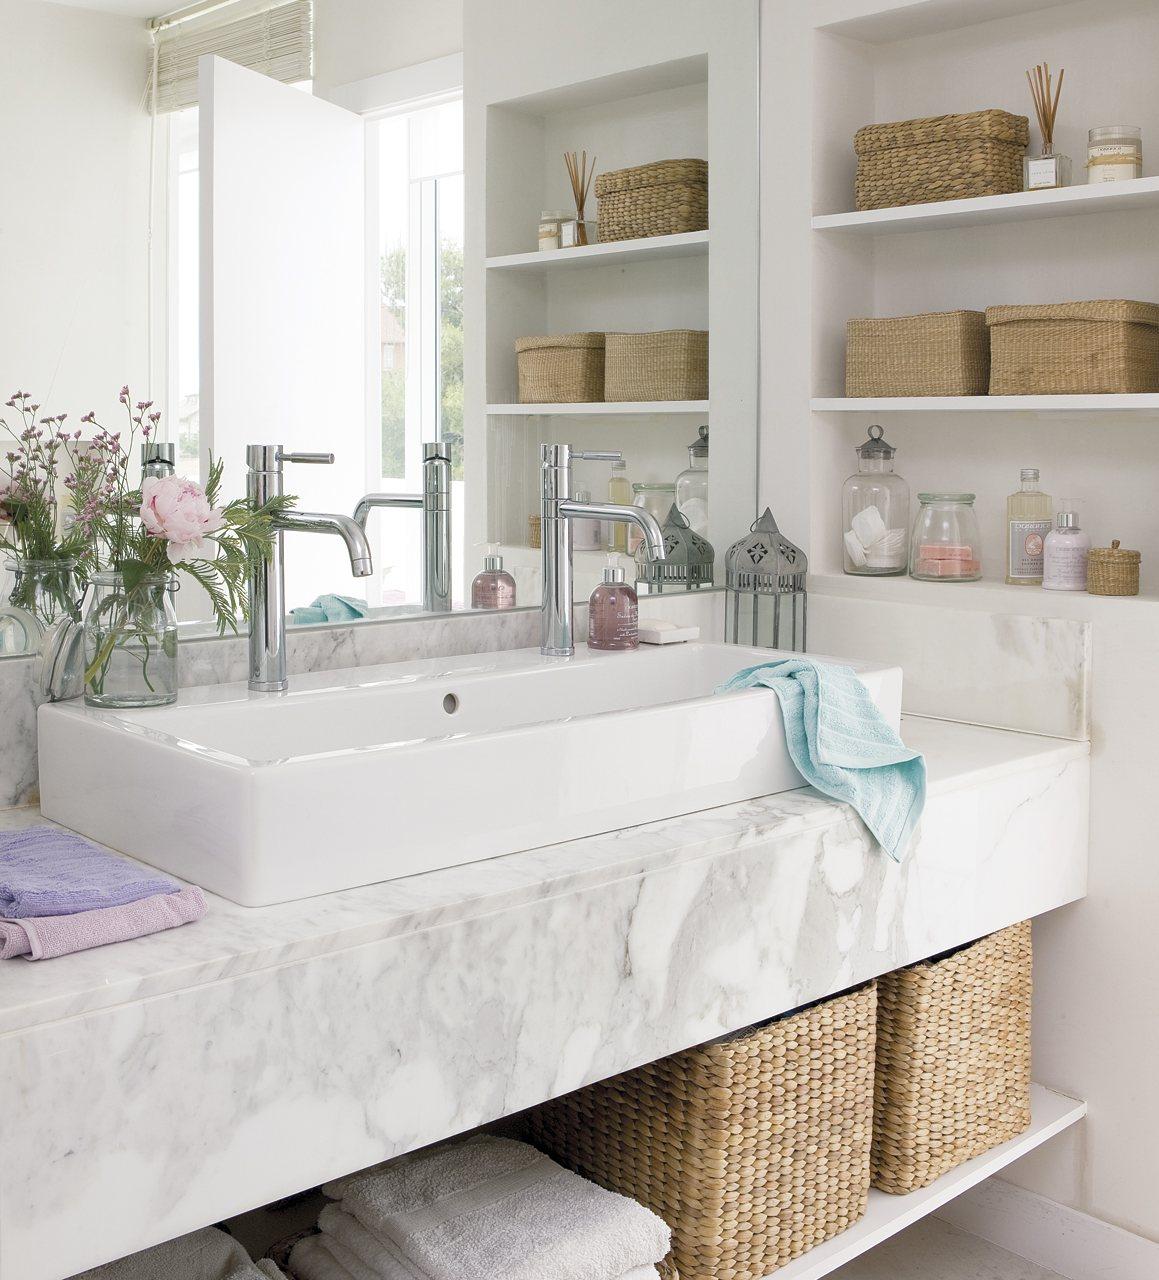 Muebles de ba o sin quitar lavabo for Muebles para bano